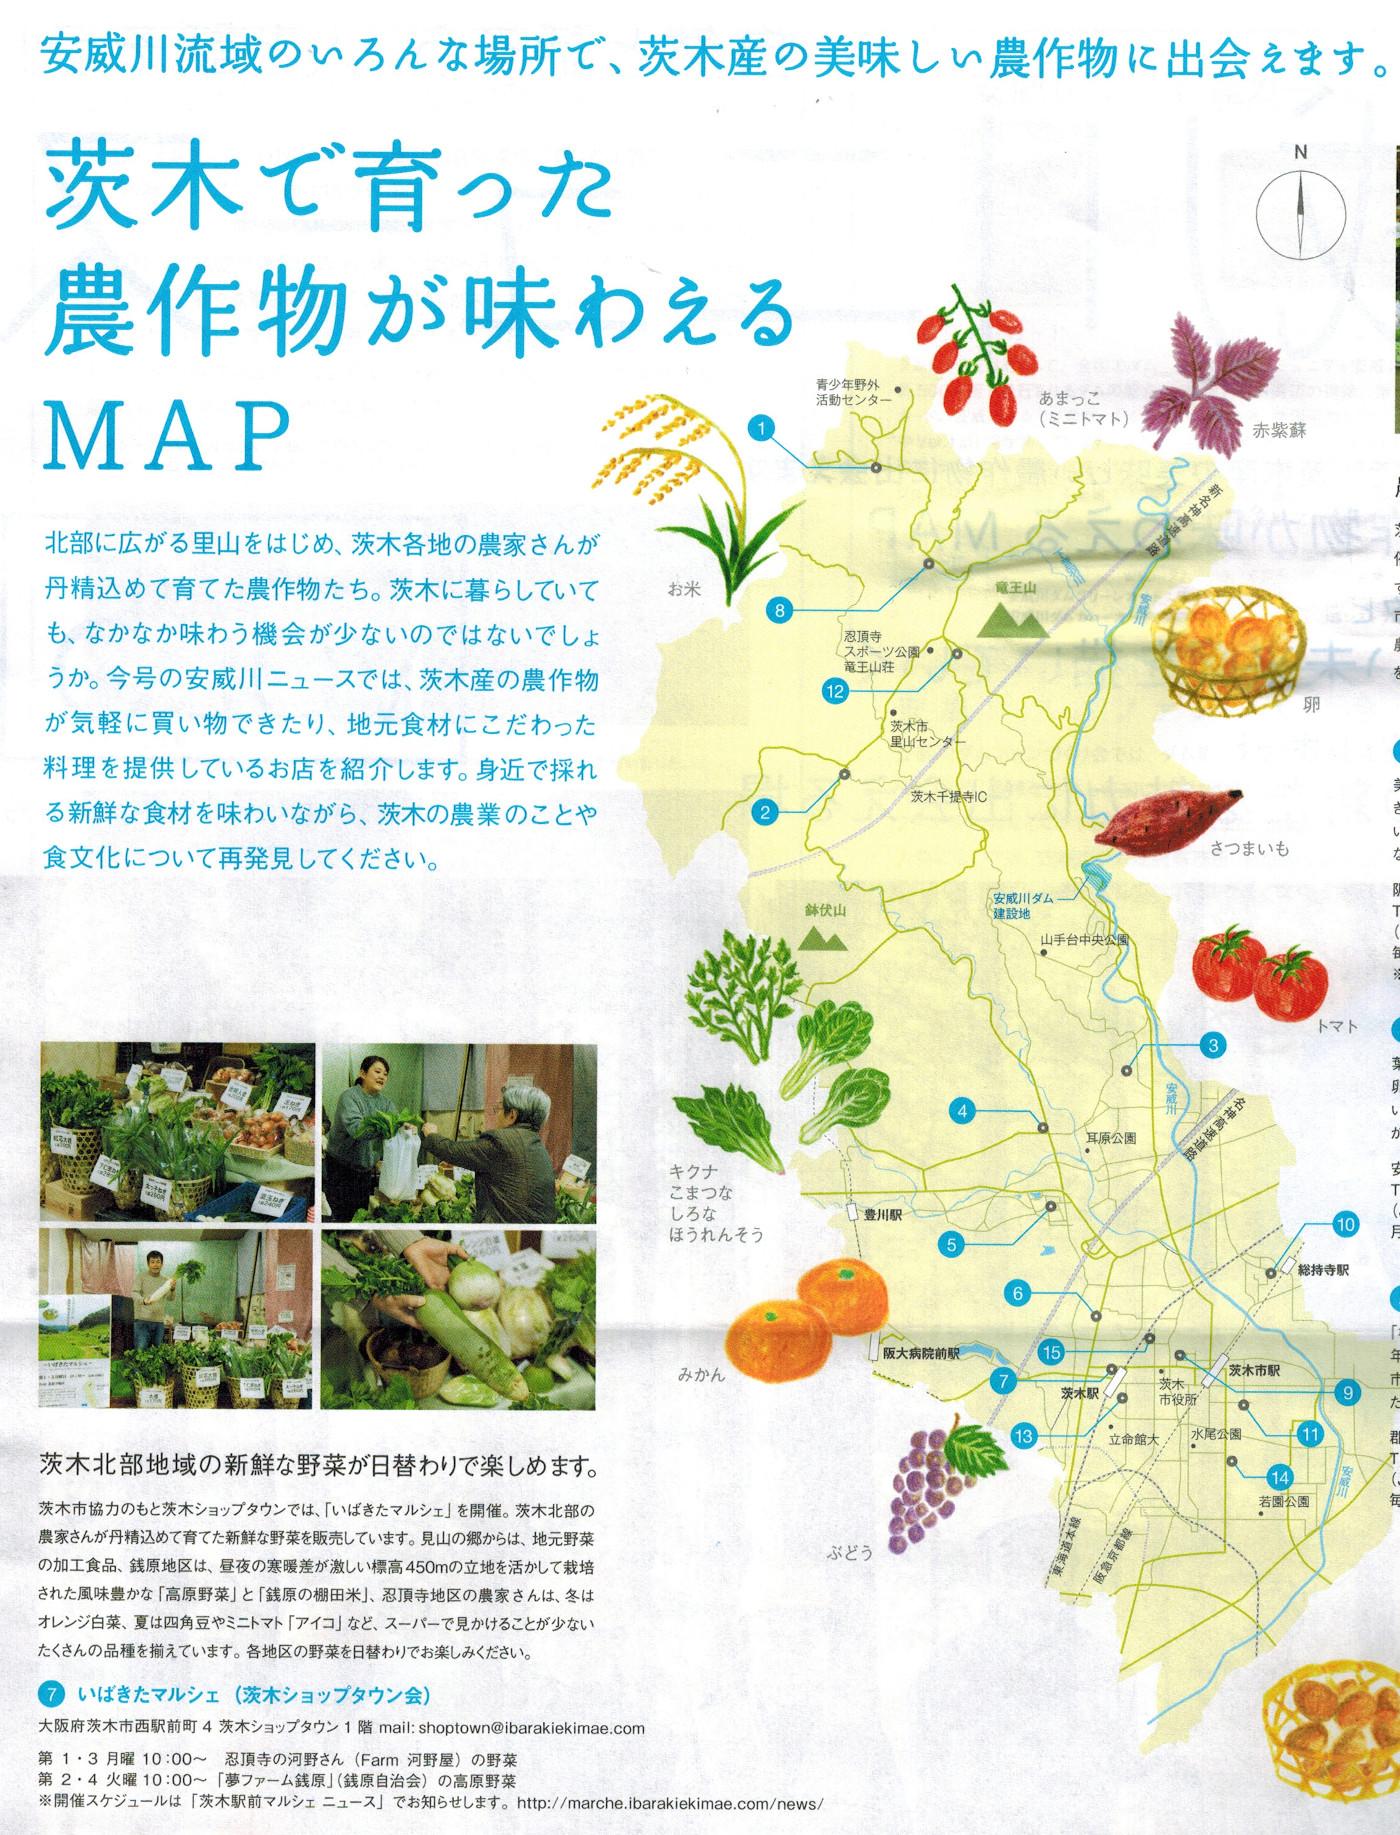 安威川ニュース「茨木で育った農作物が味わえるMAP」